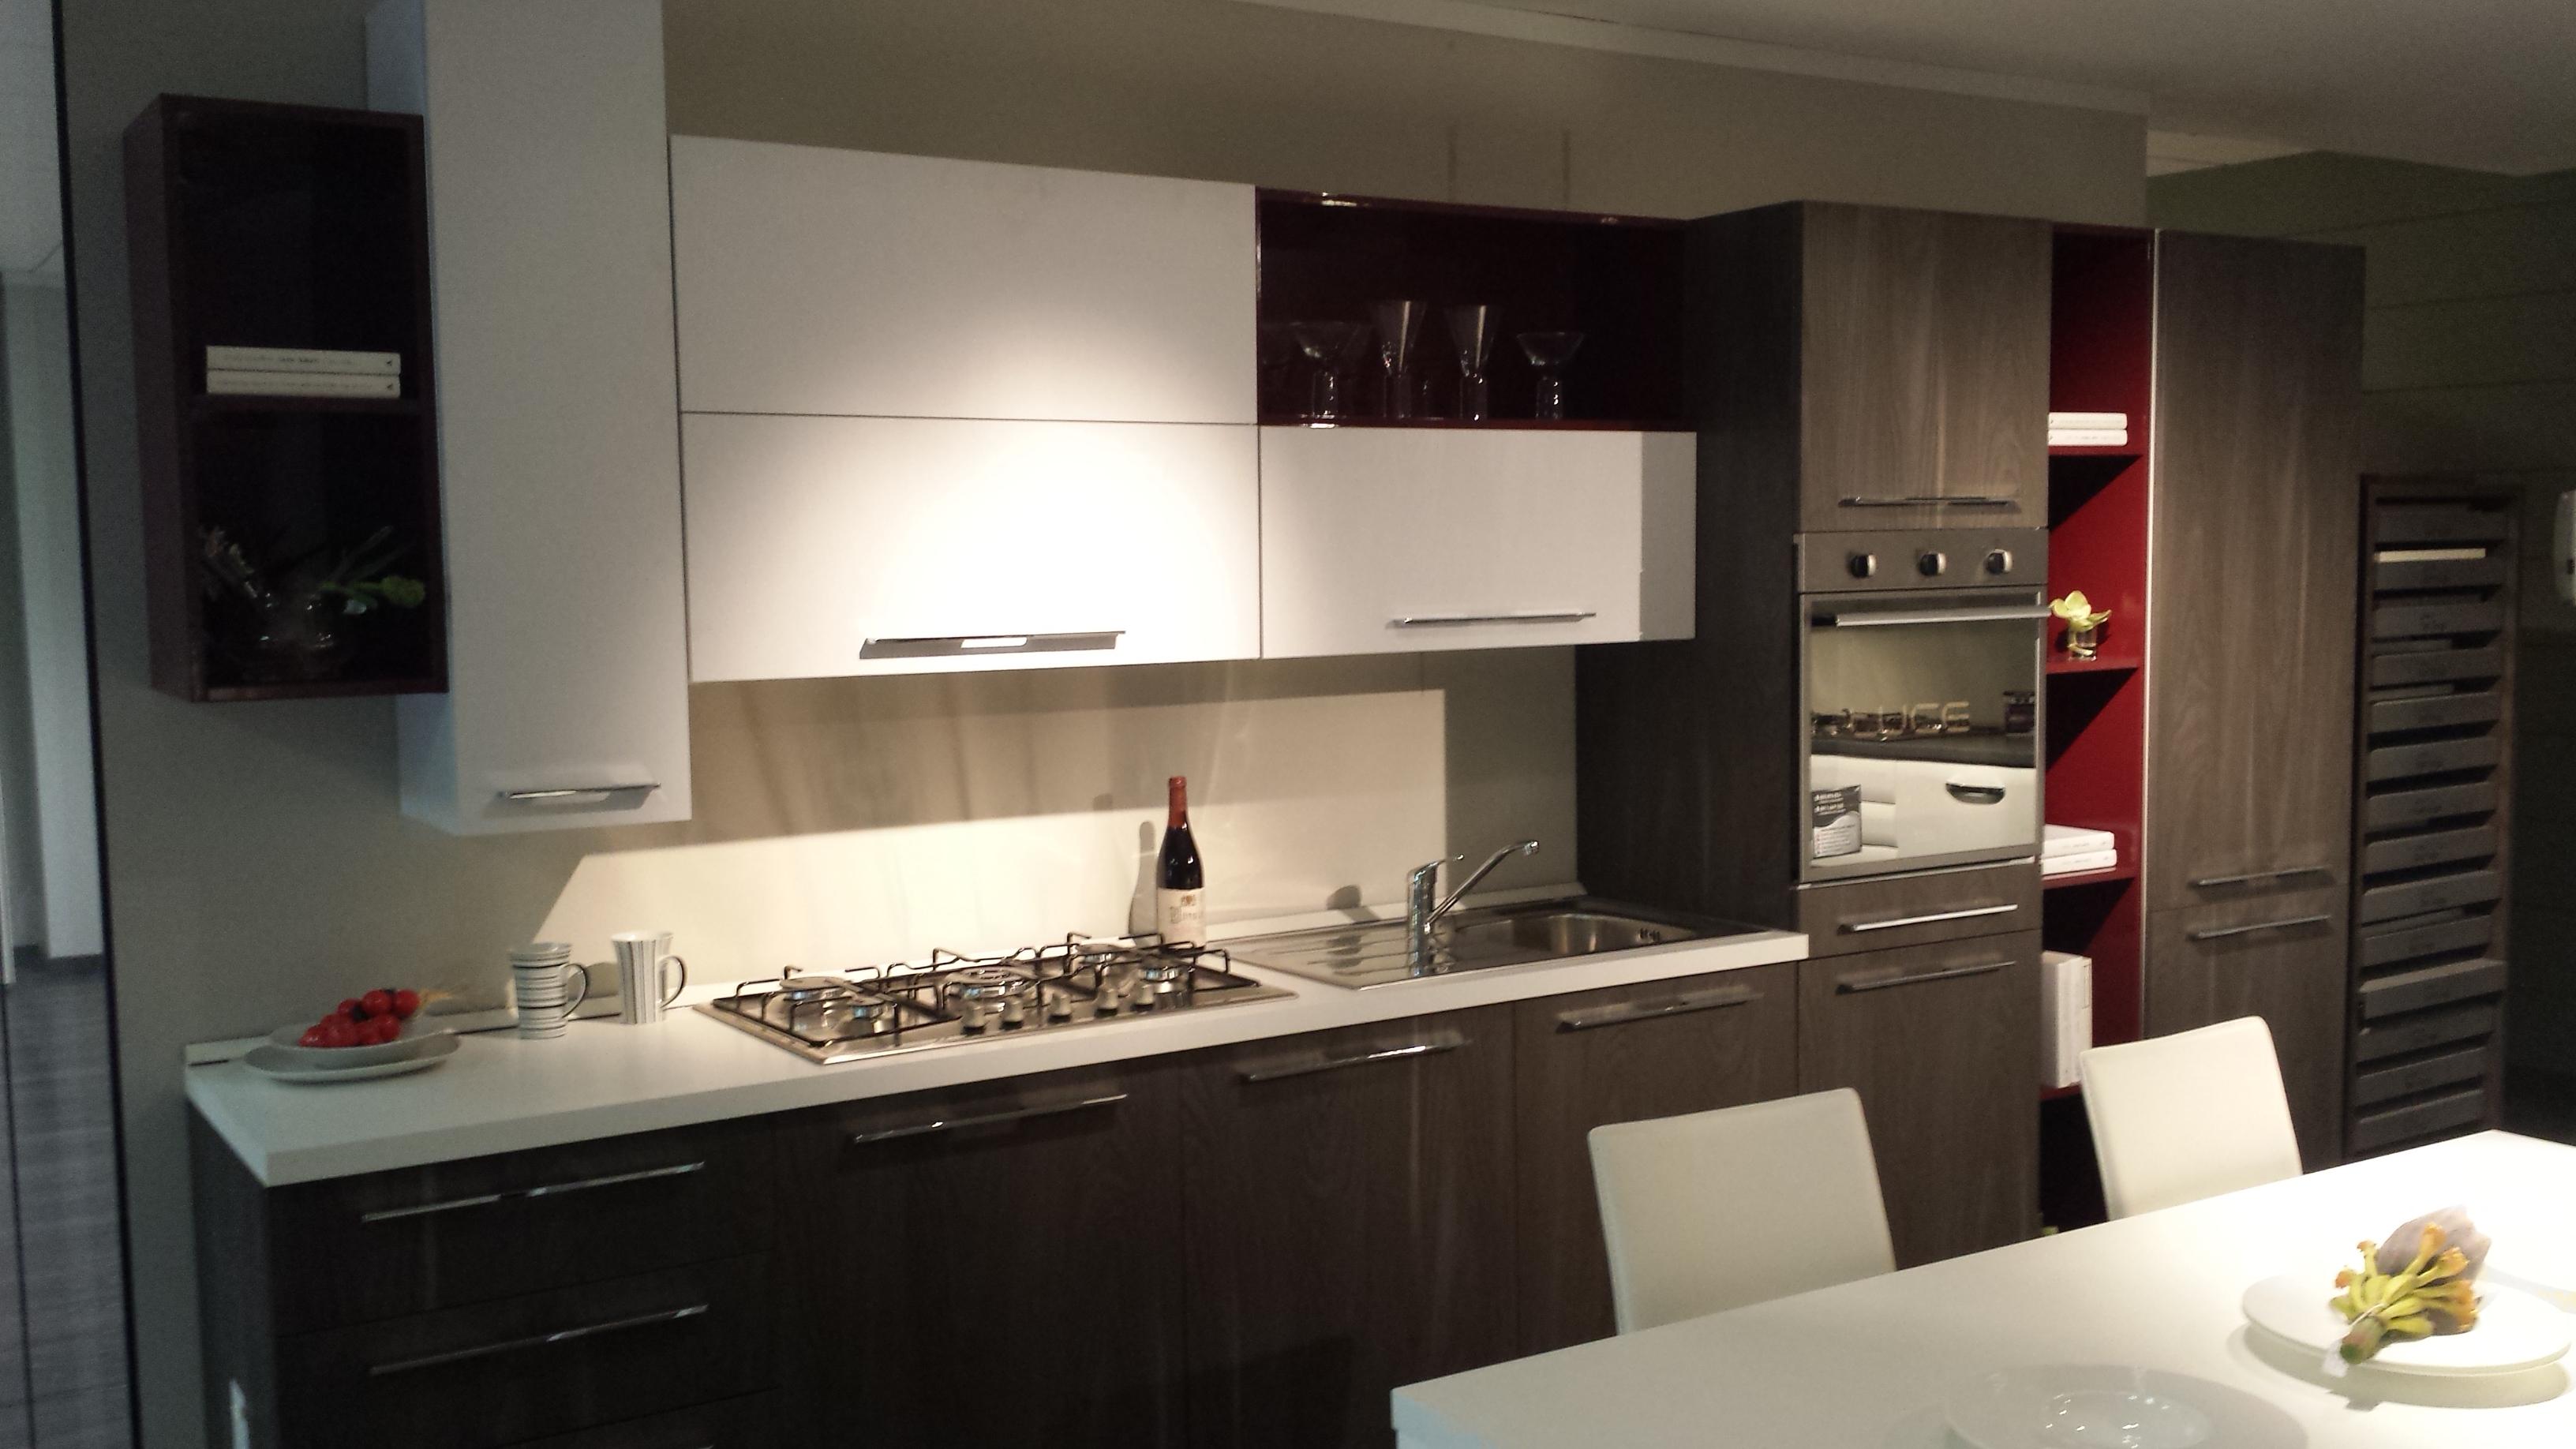 Cucina moderna in offerta scontata del 40 - Cucina in offerta ...